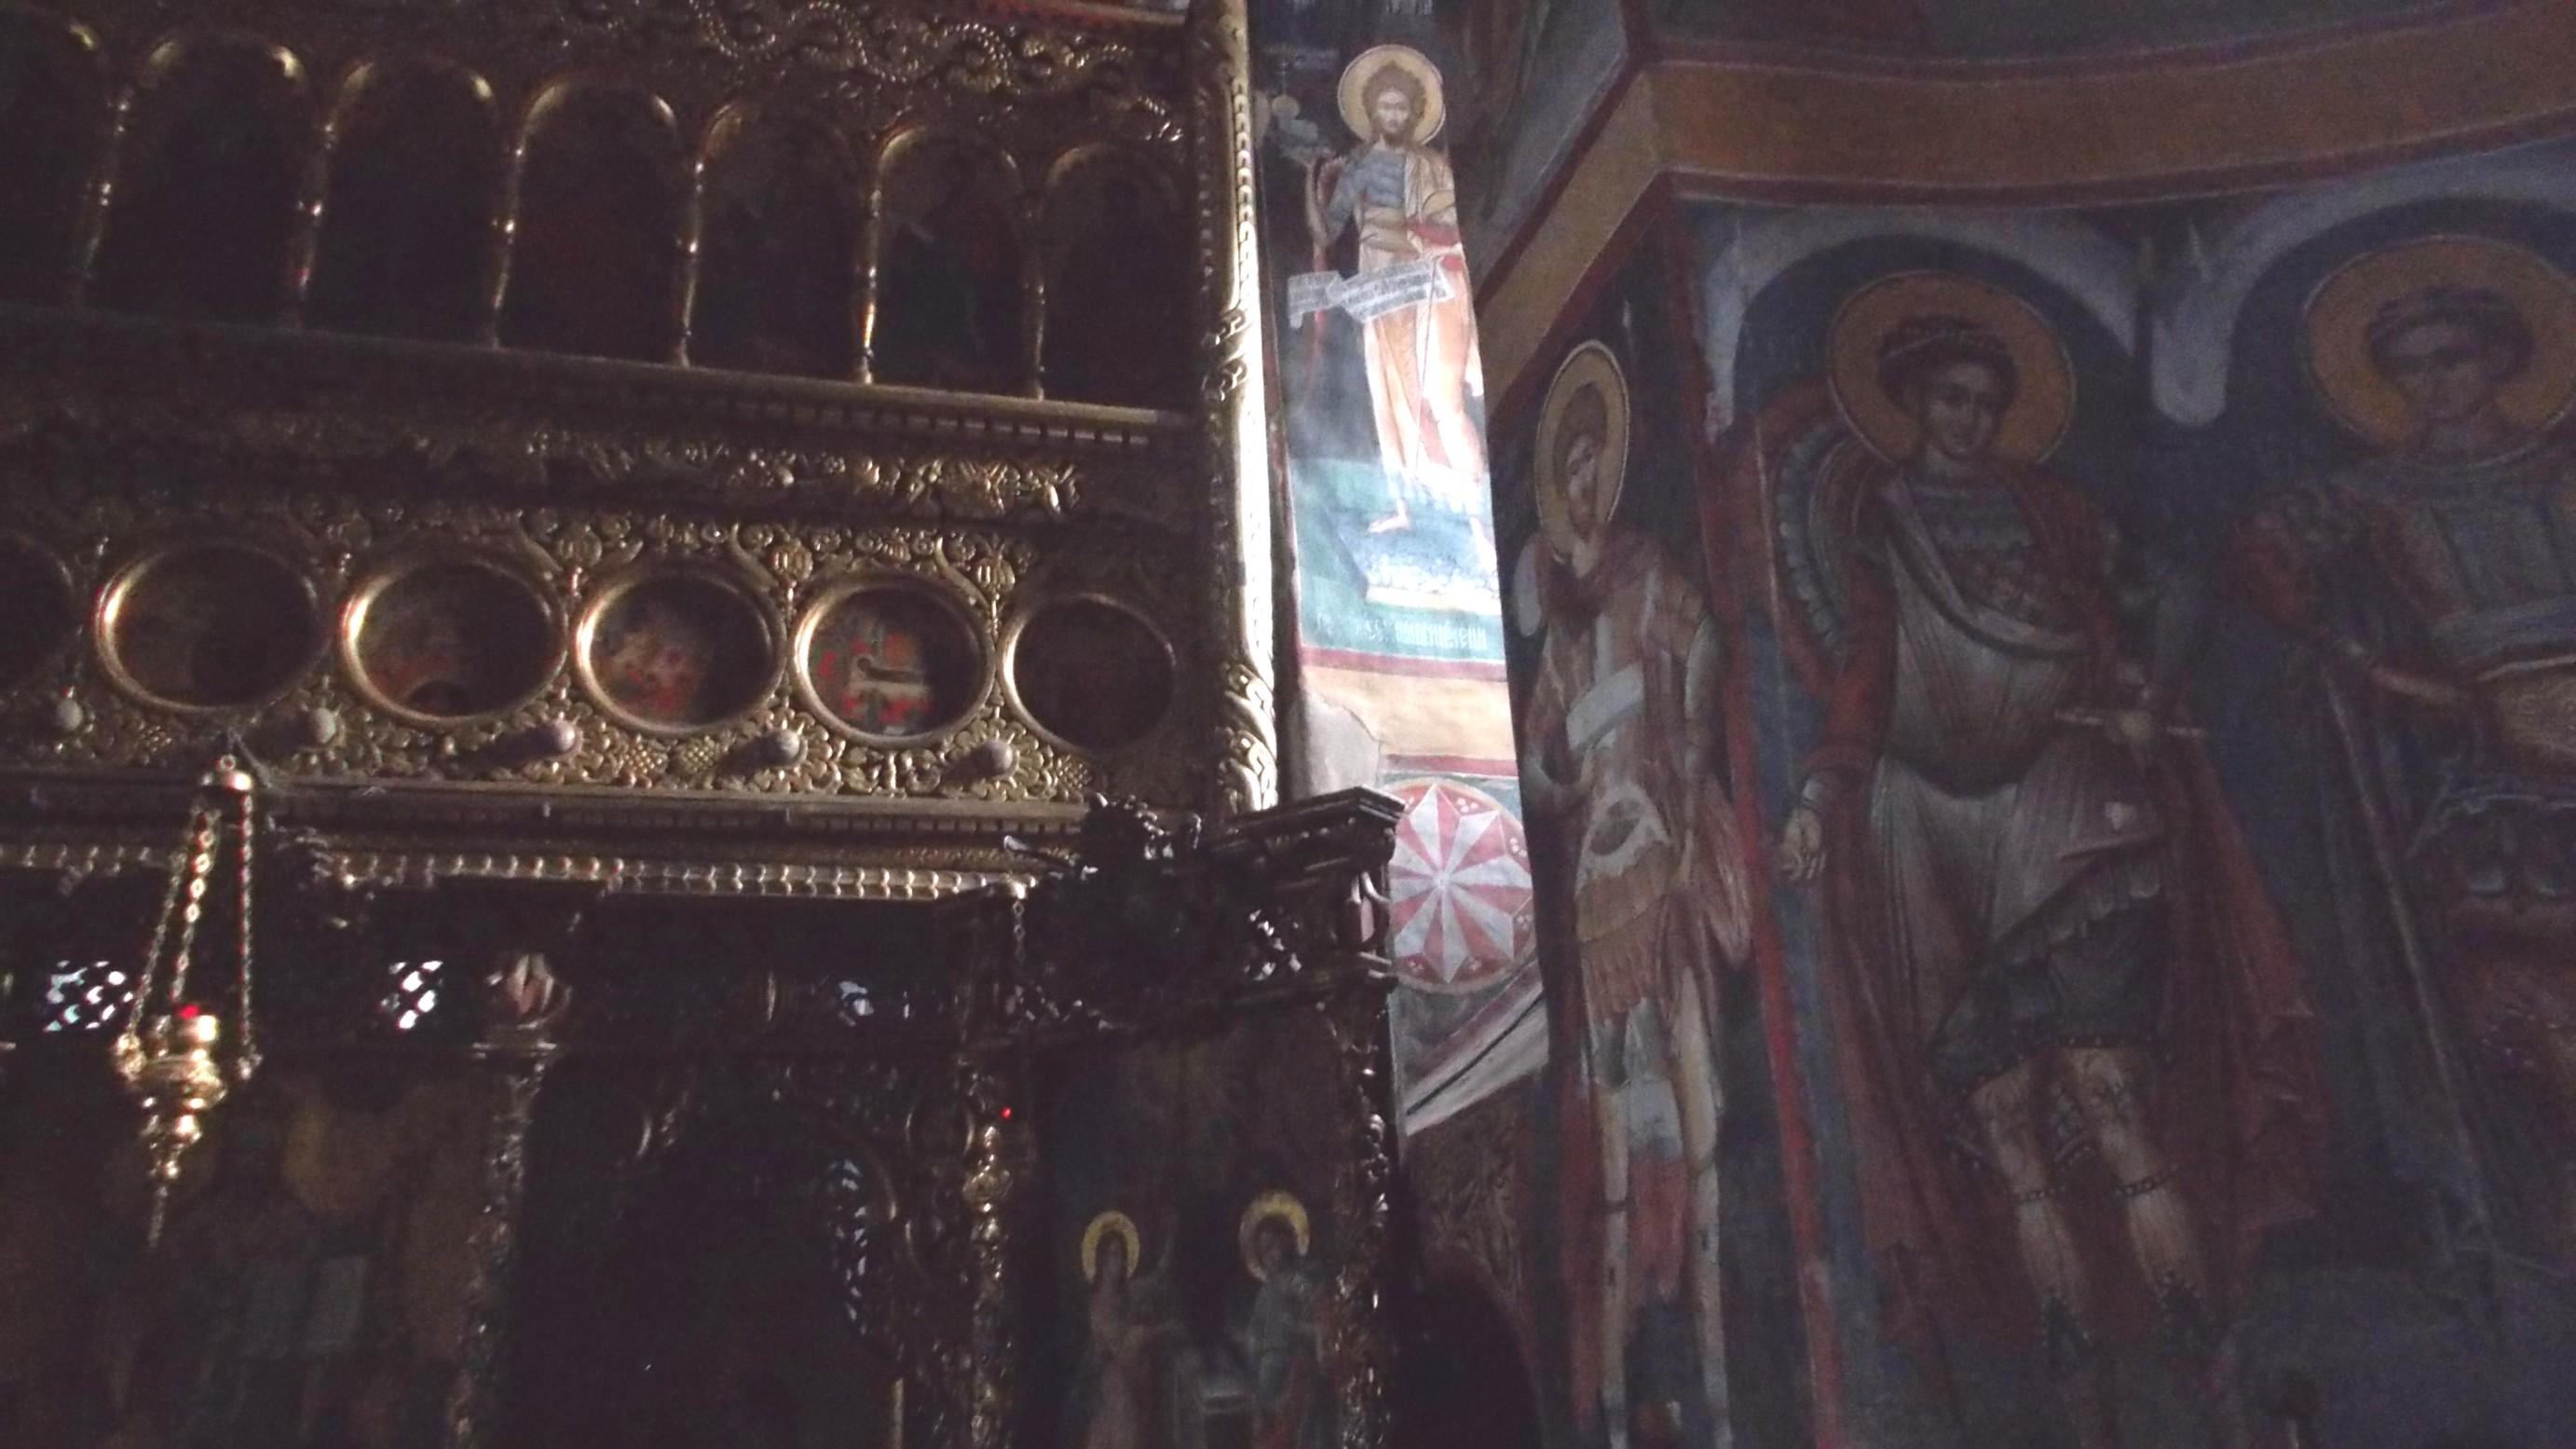 Tatăl Ceresc sau Cerul-Tată, în dreapta altarului